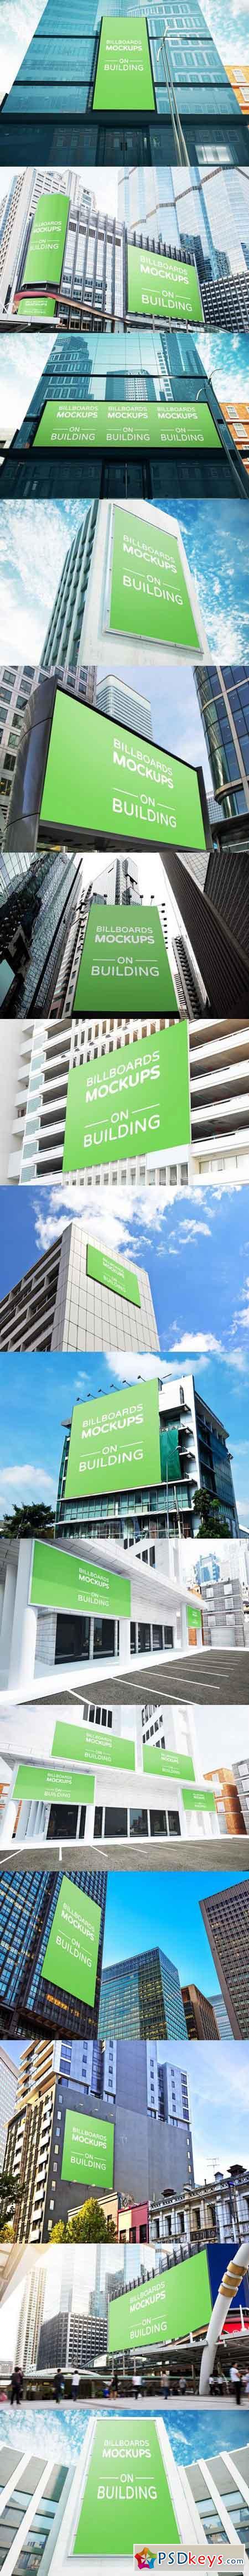 Billboards Mockups on Building Vol.2 1034480